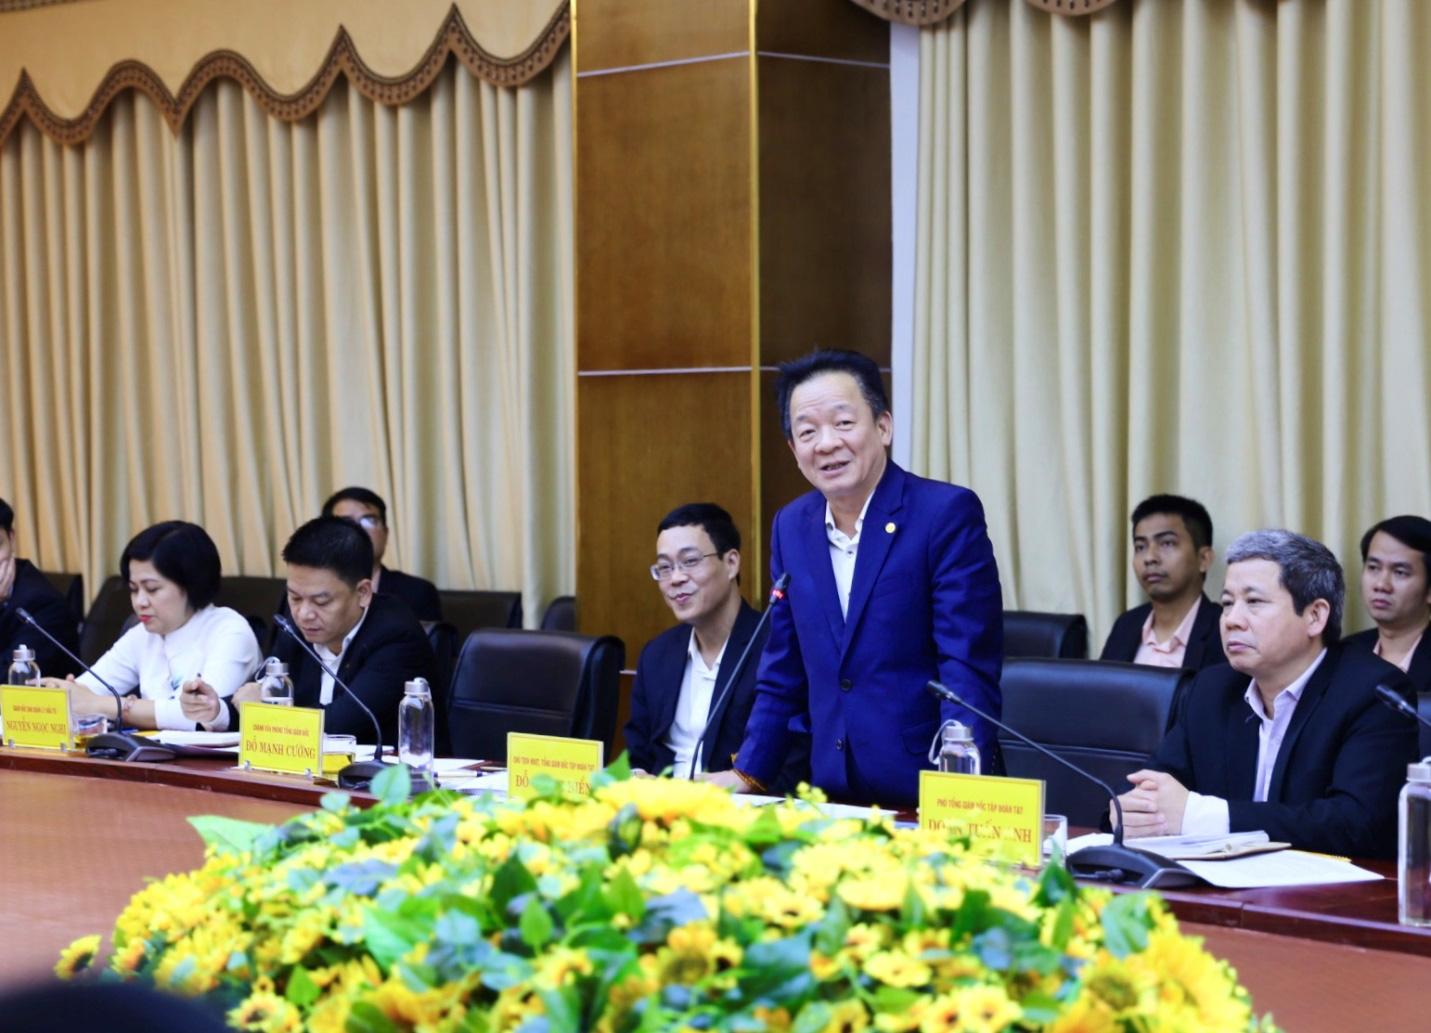 Tập đoàn T&T đề xuất đầu tư loạt dự án bất động sản tại Quảng Trị qui mô hơn 300 ha - Ảnh 1.